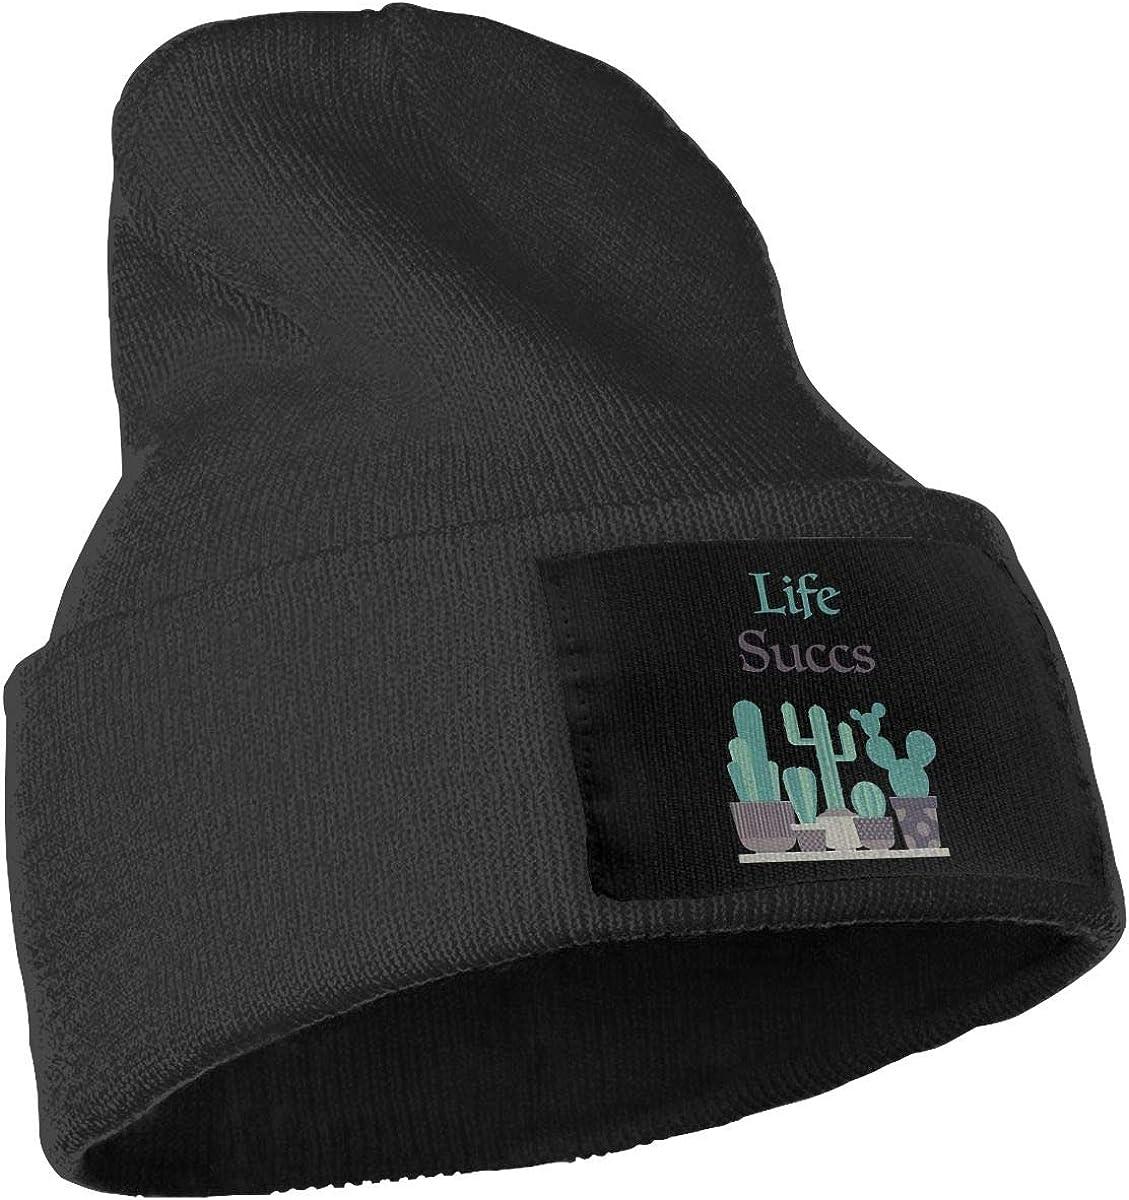 Fgeffs8 Life Succs Men Women Knit Beanie Hat Soft Ski Skull Cap